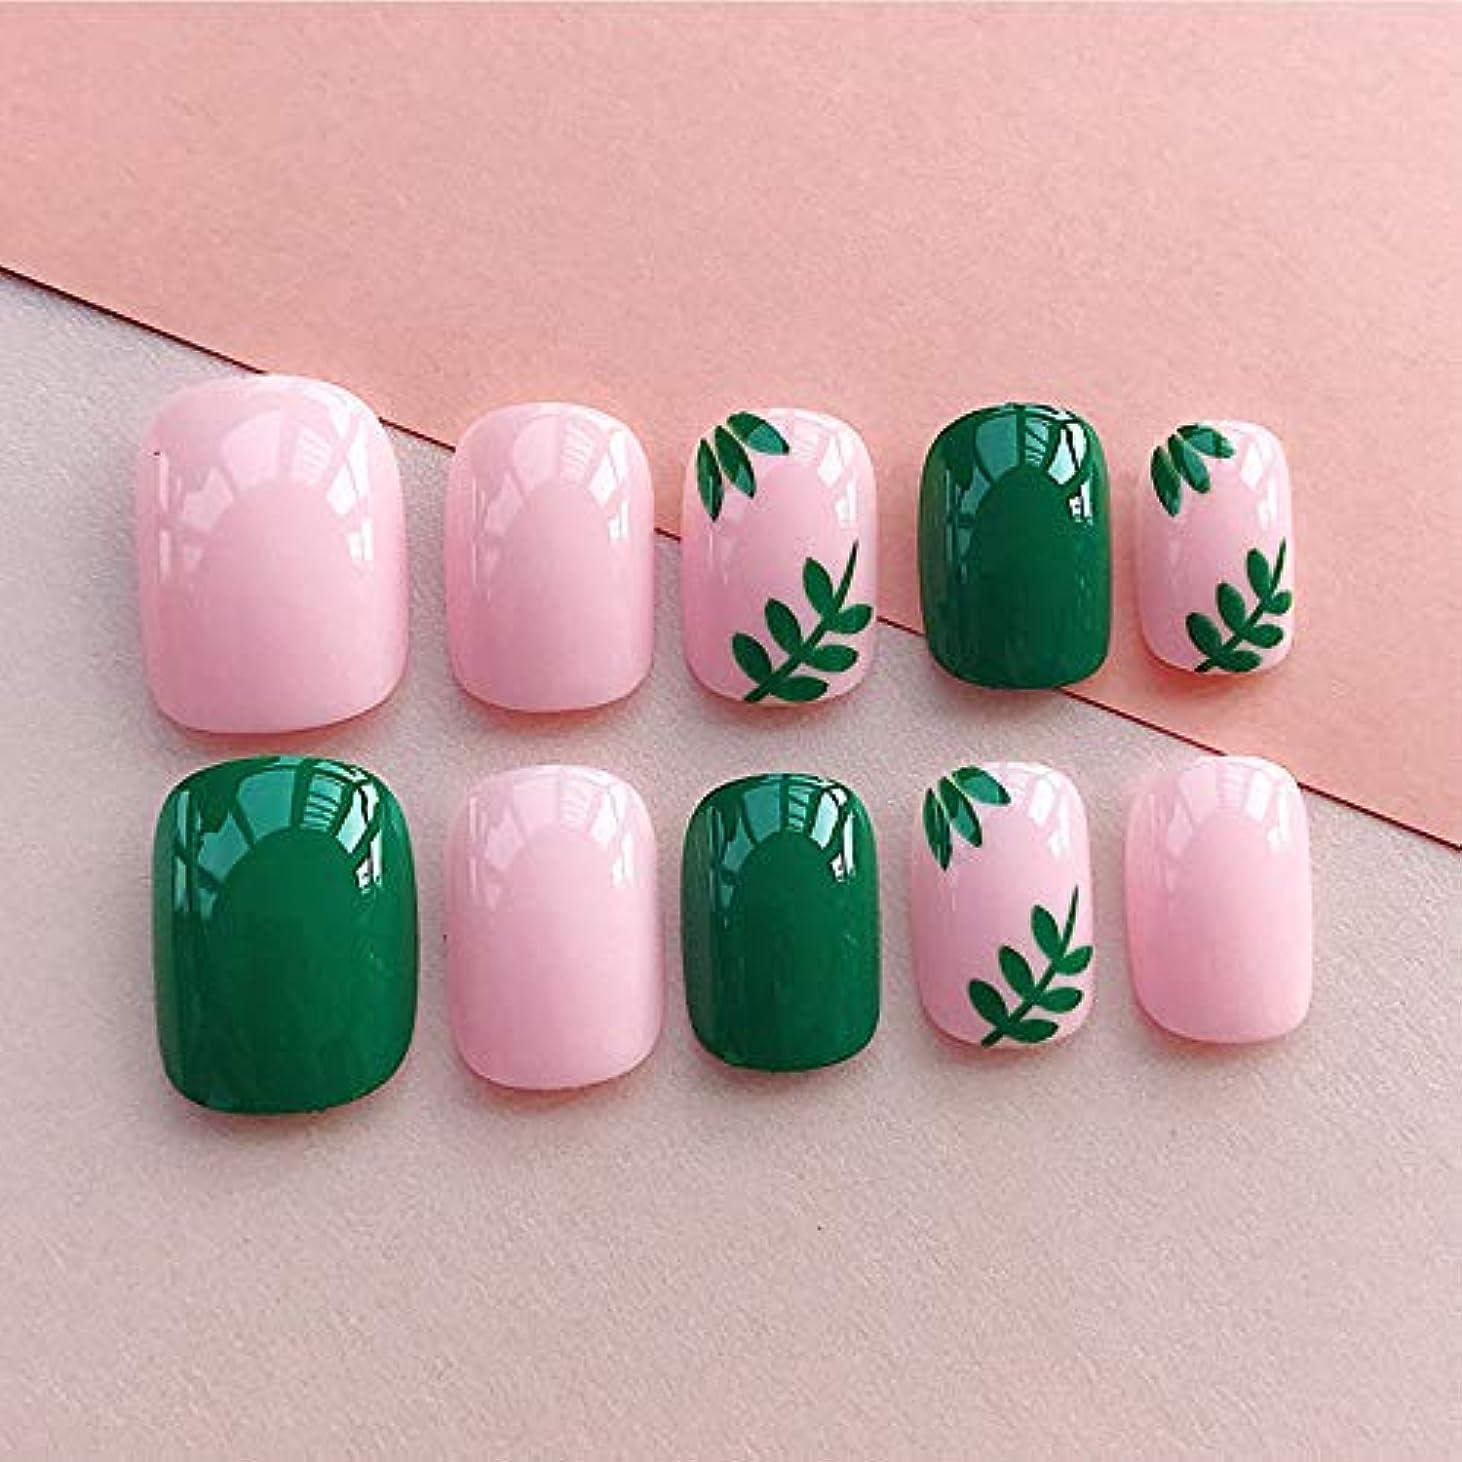 モニカウォーターフロント教育するLIARTY ネイルチップ 夏の ピンク 緑の葉 優雅 短い 四角形 フルカバー 24枚 12別サイズ つ